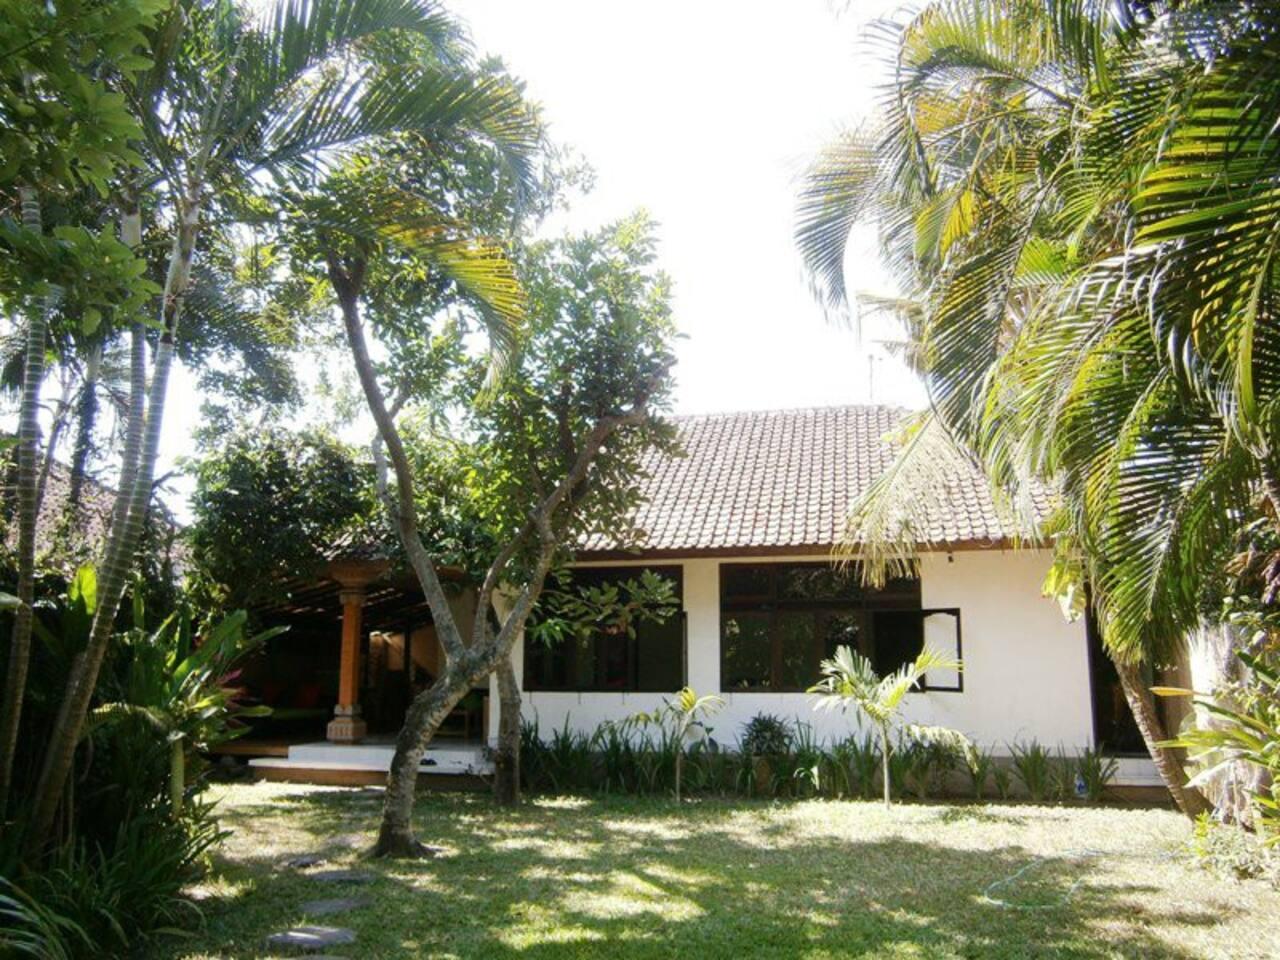 Villa Pillow Seminyak Bali